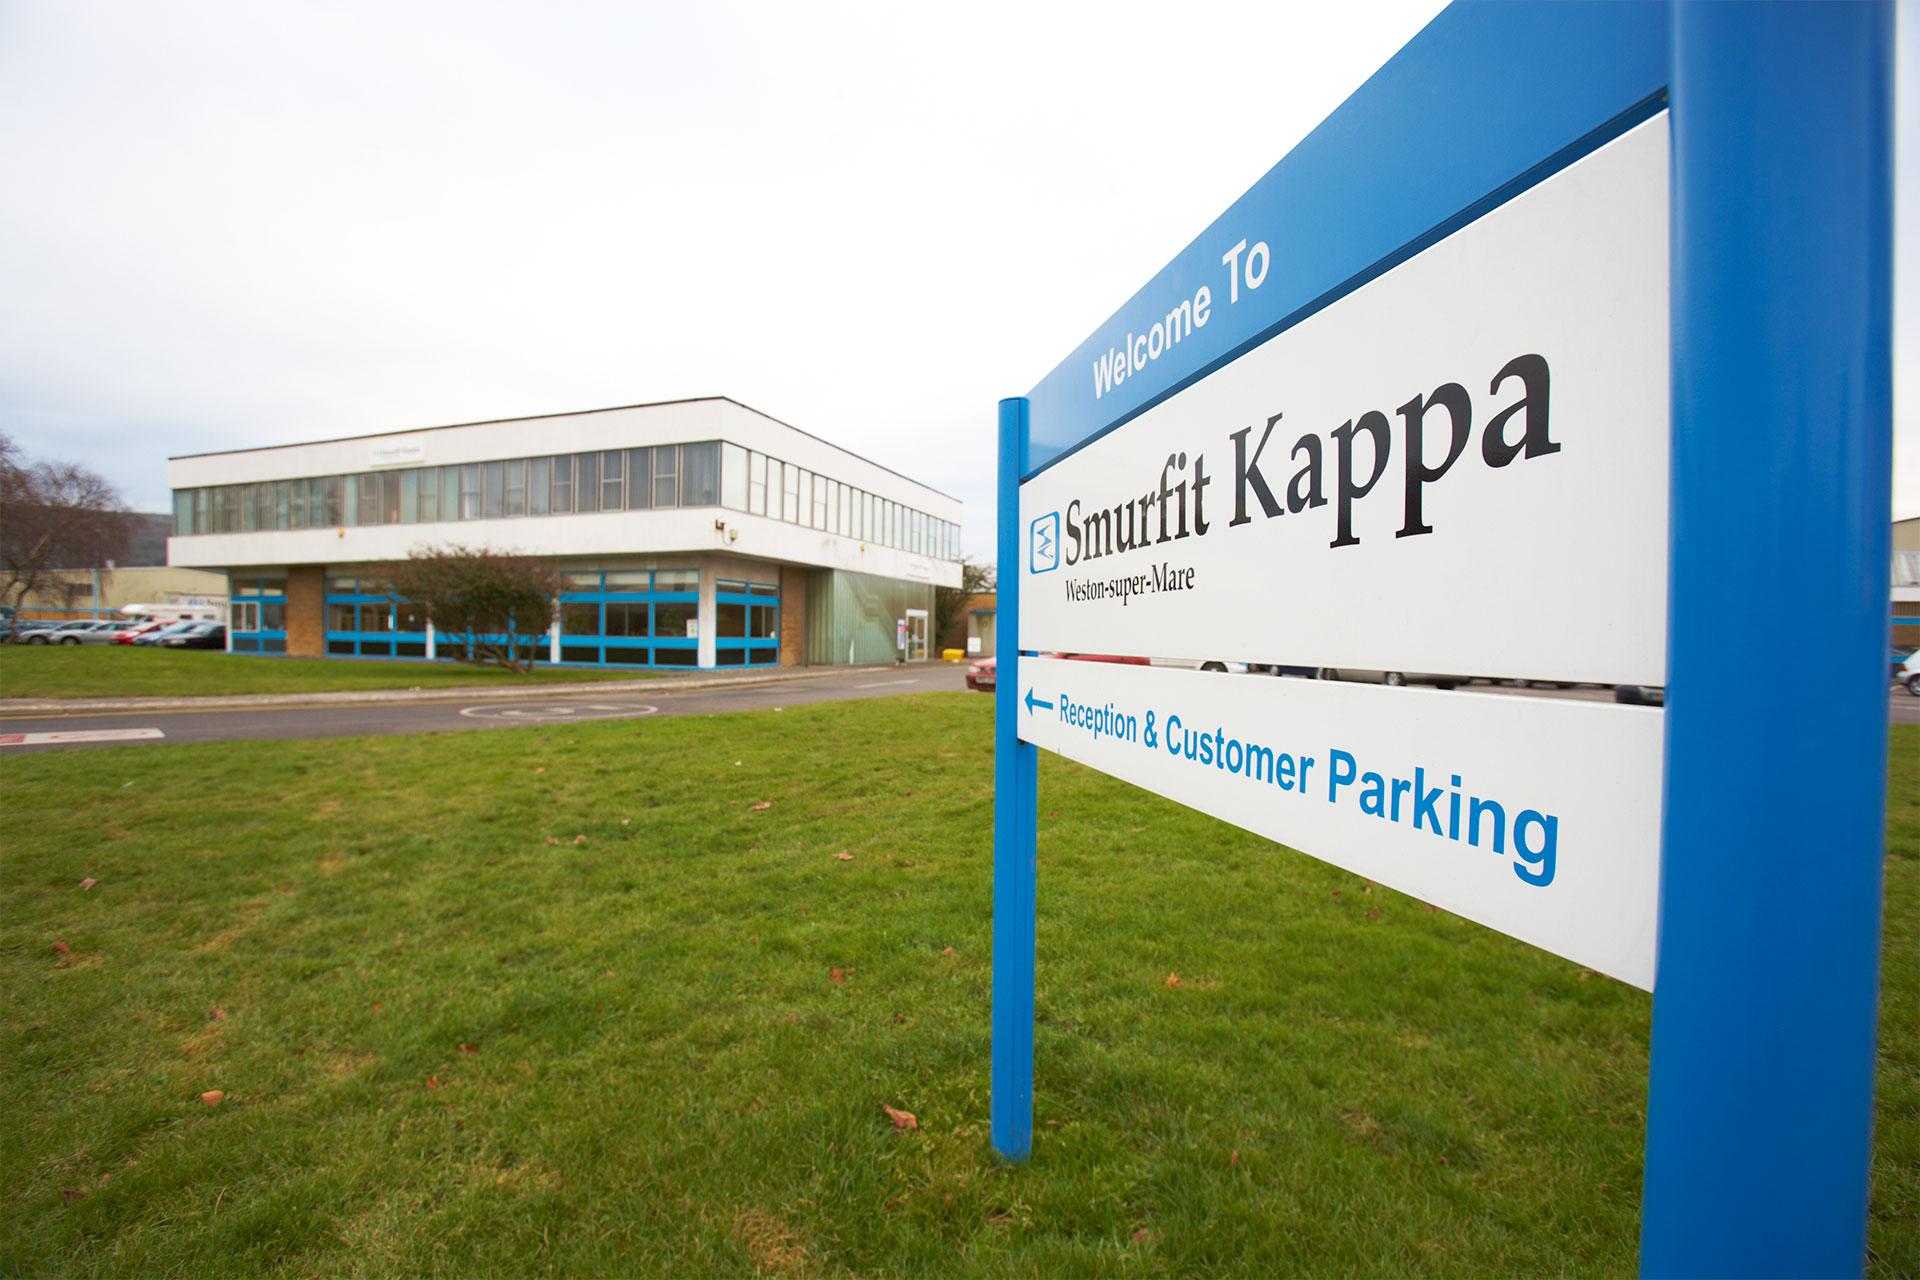 Smurfit Kappa Building